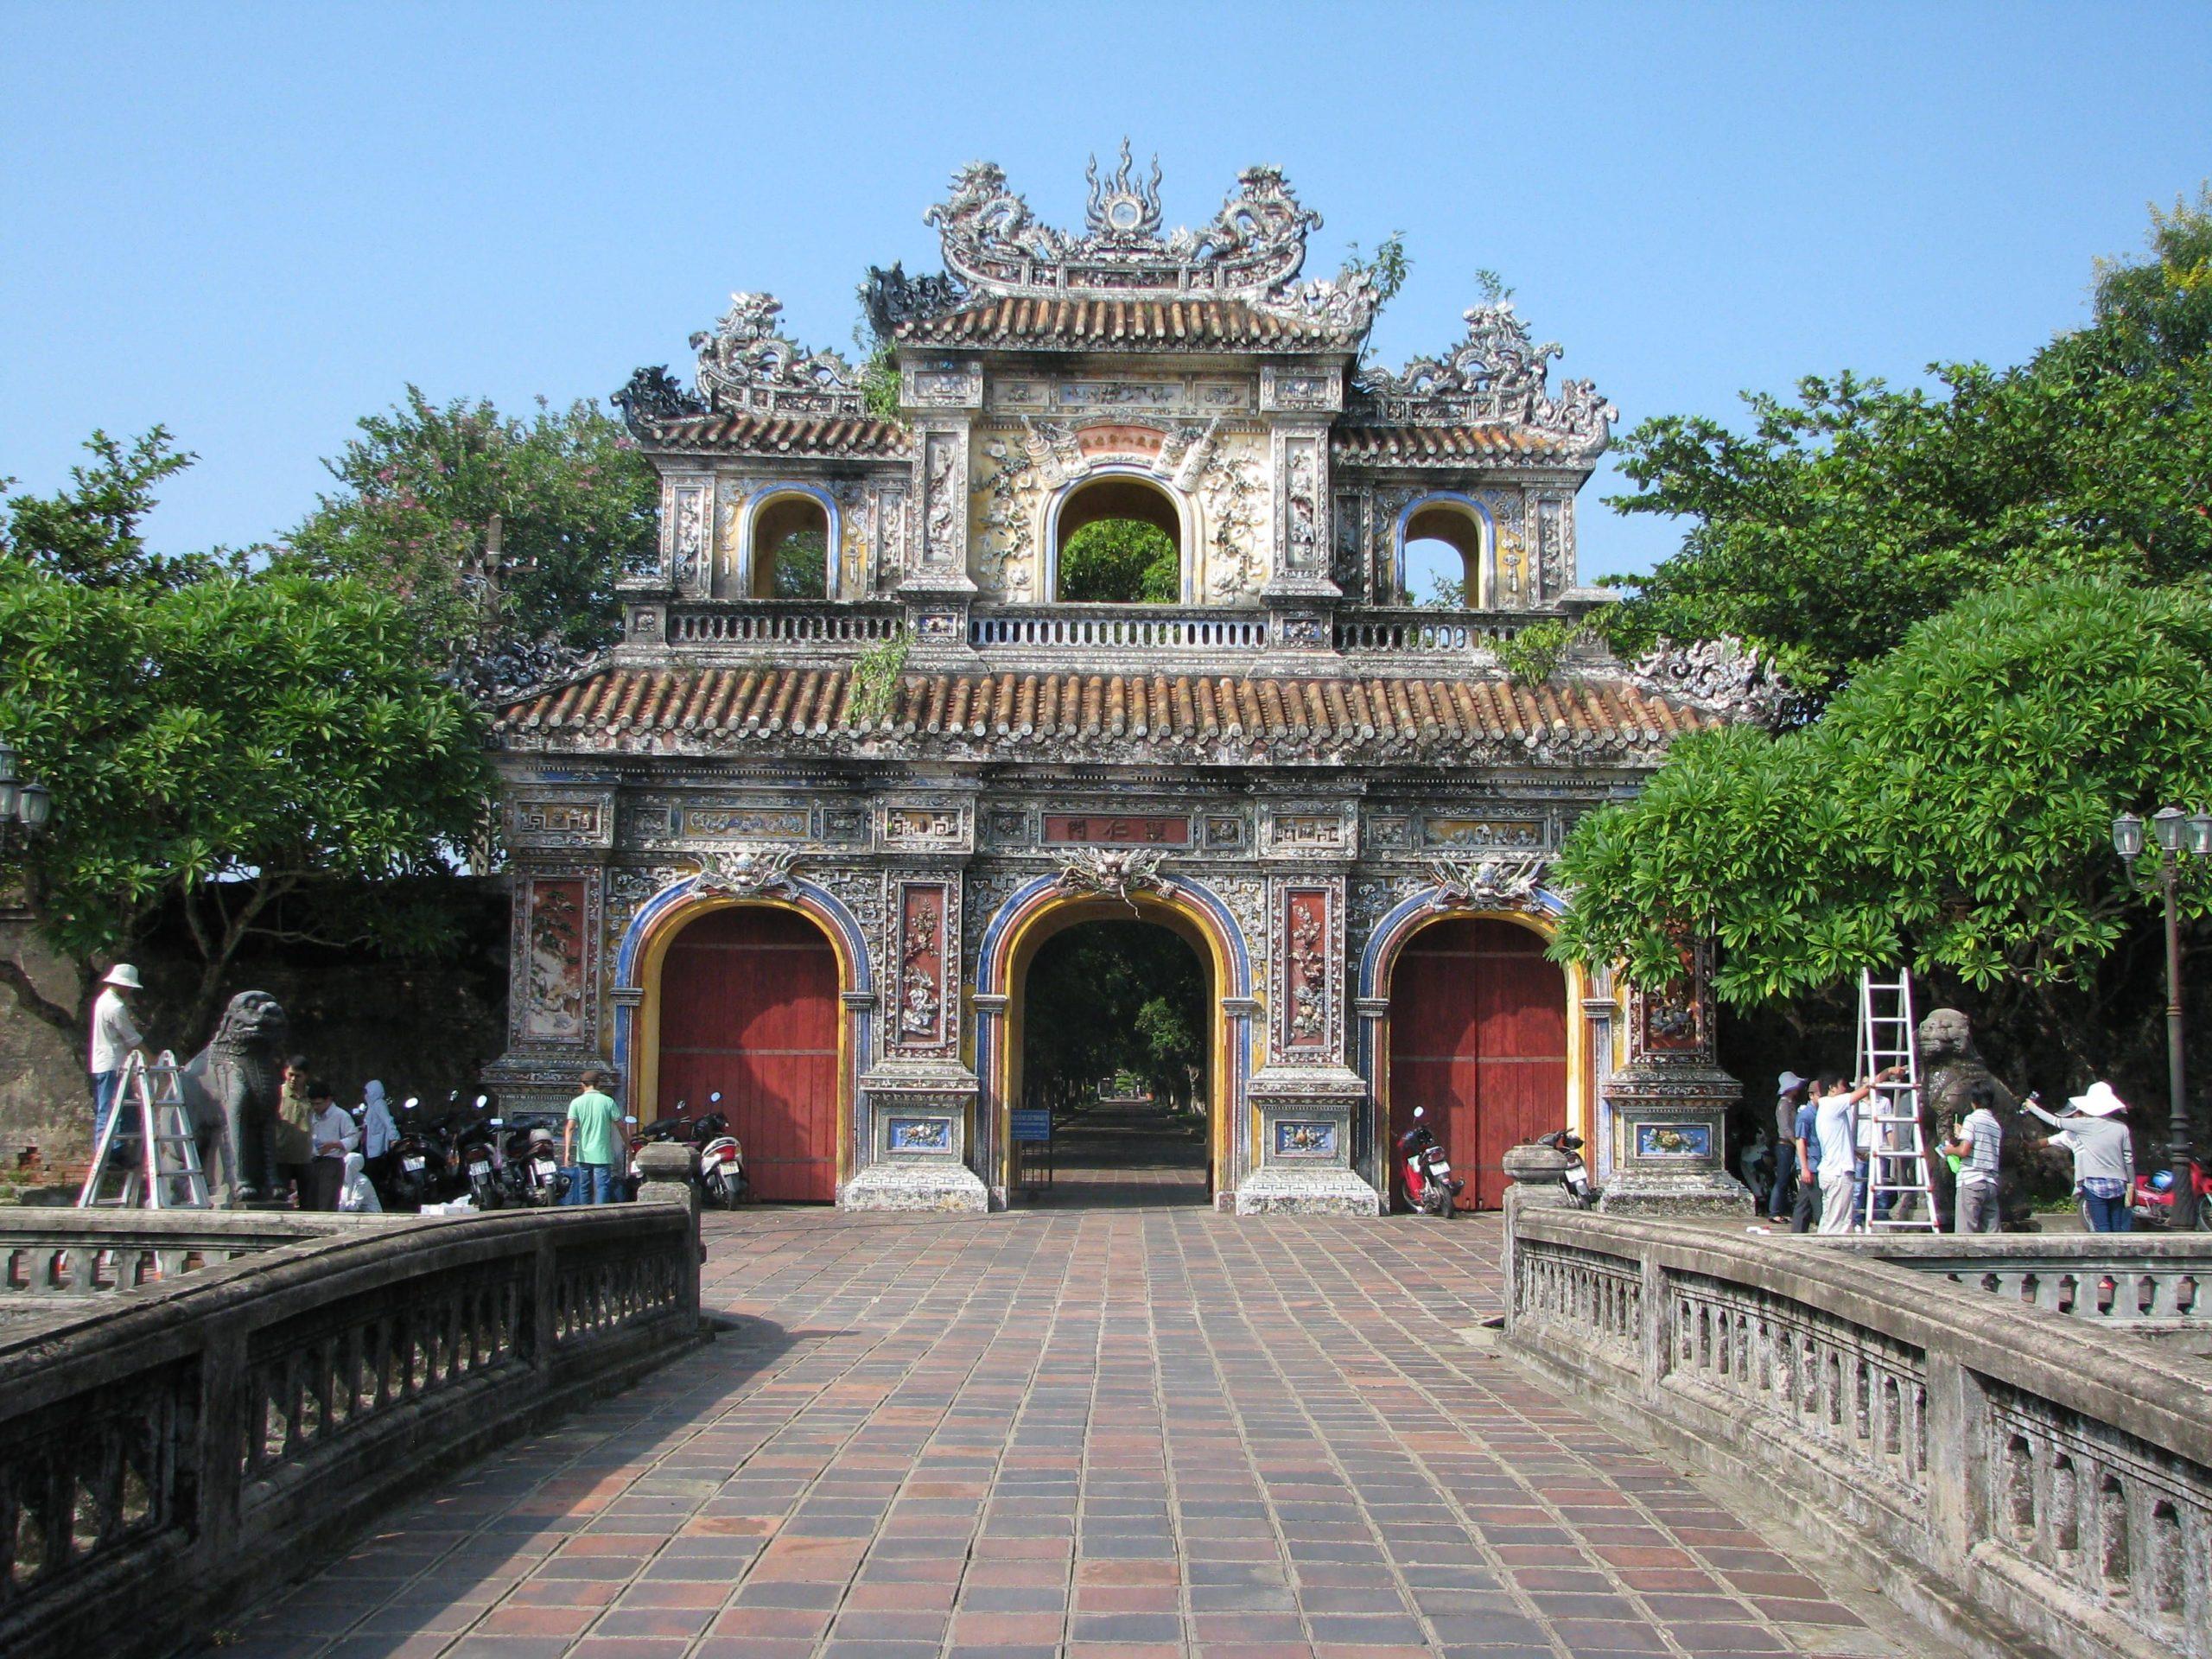 Polsko Wietnamskie Doświadczenia w Ochronie i Konserwacji Zabytków Architektury